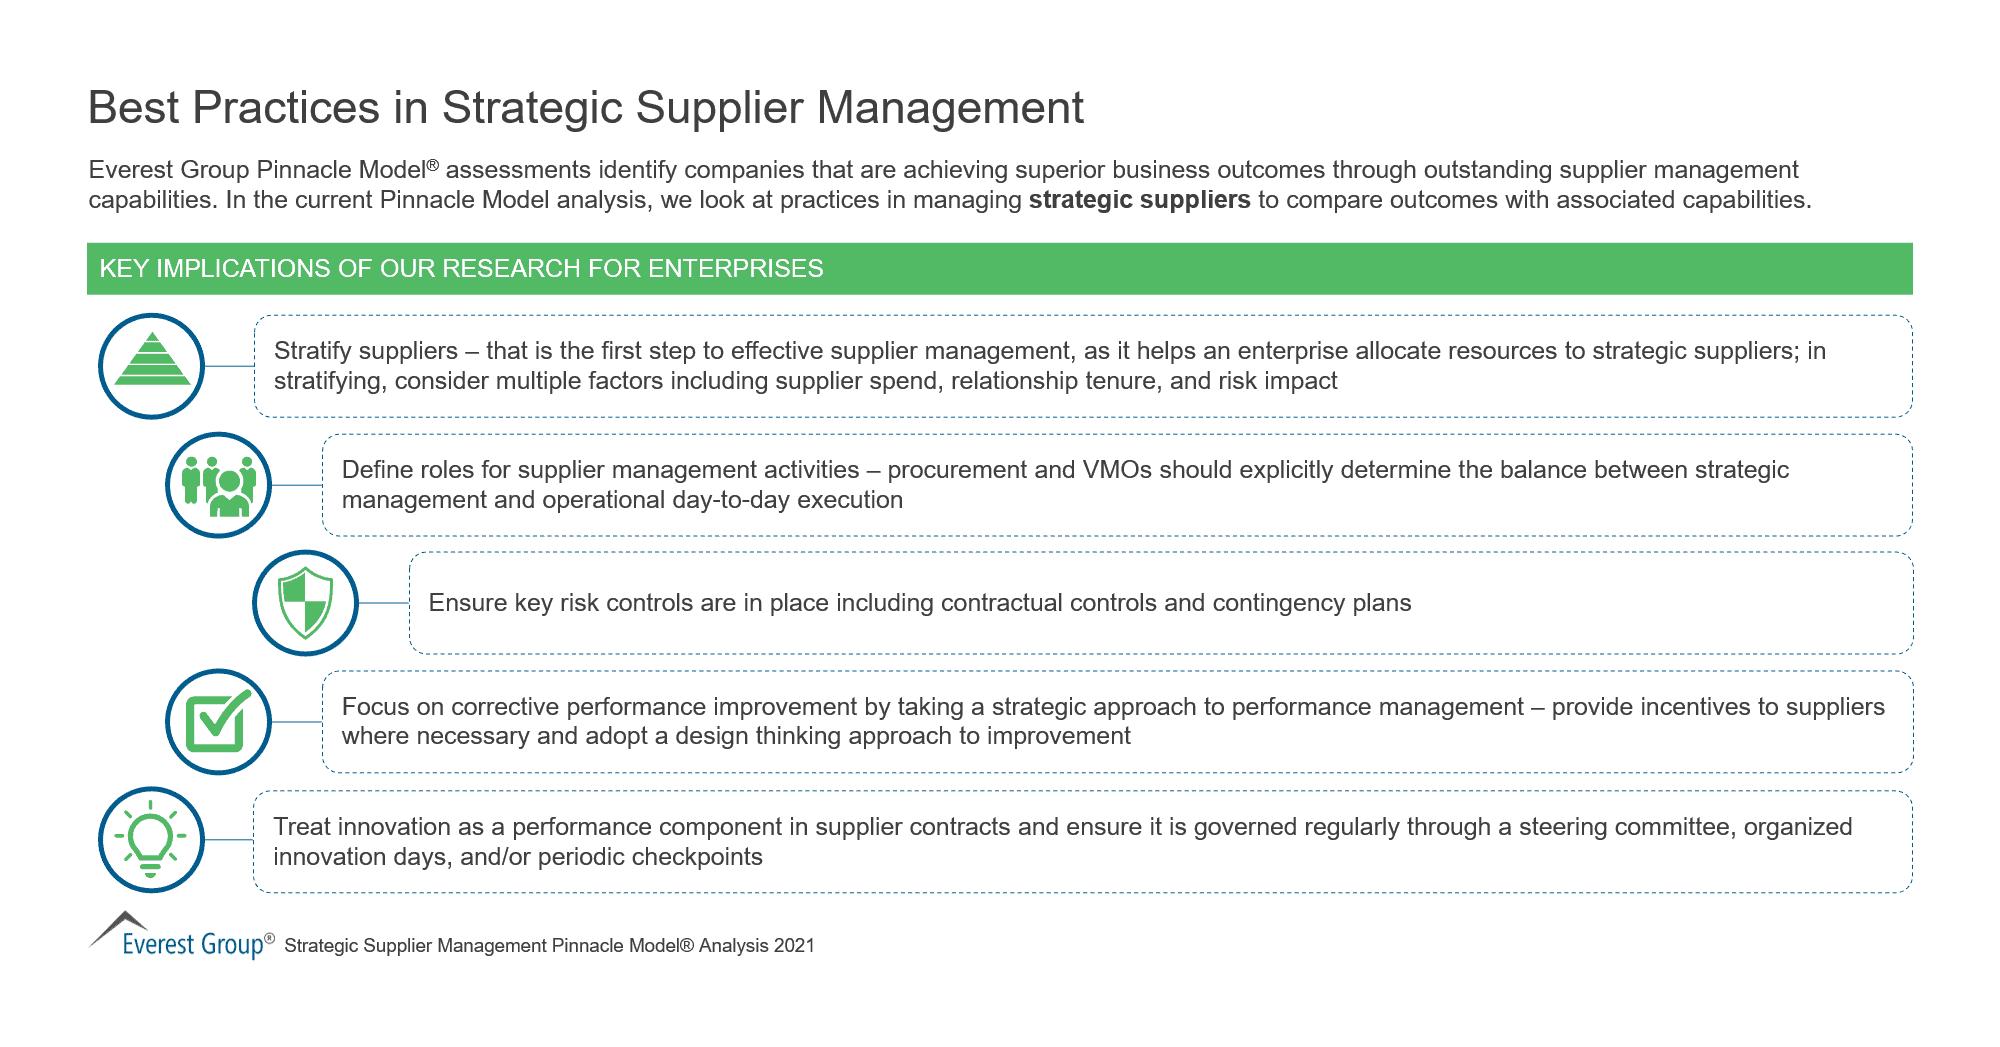 Best Practices in Strategic Supplier Management